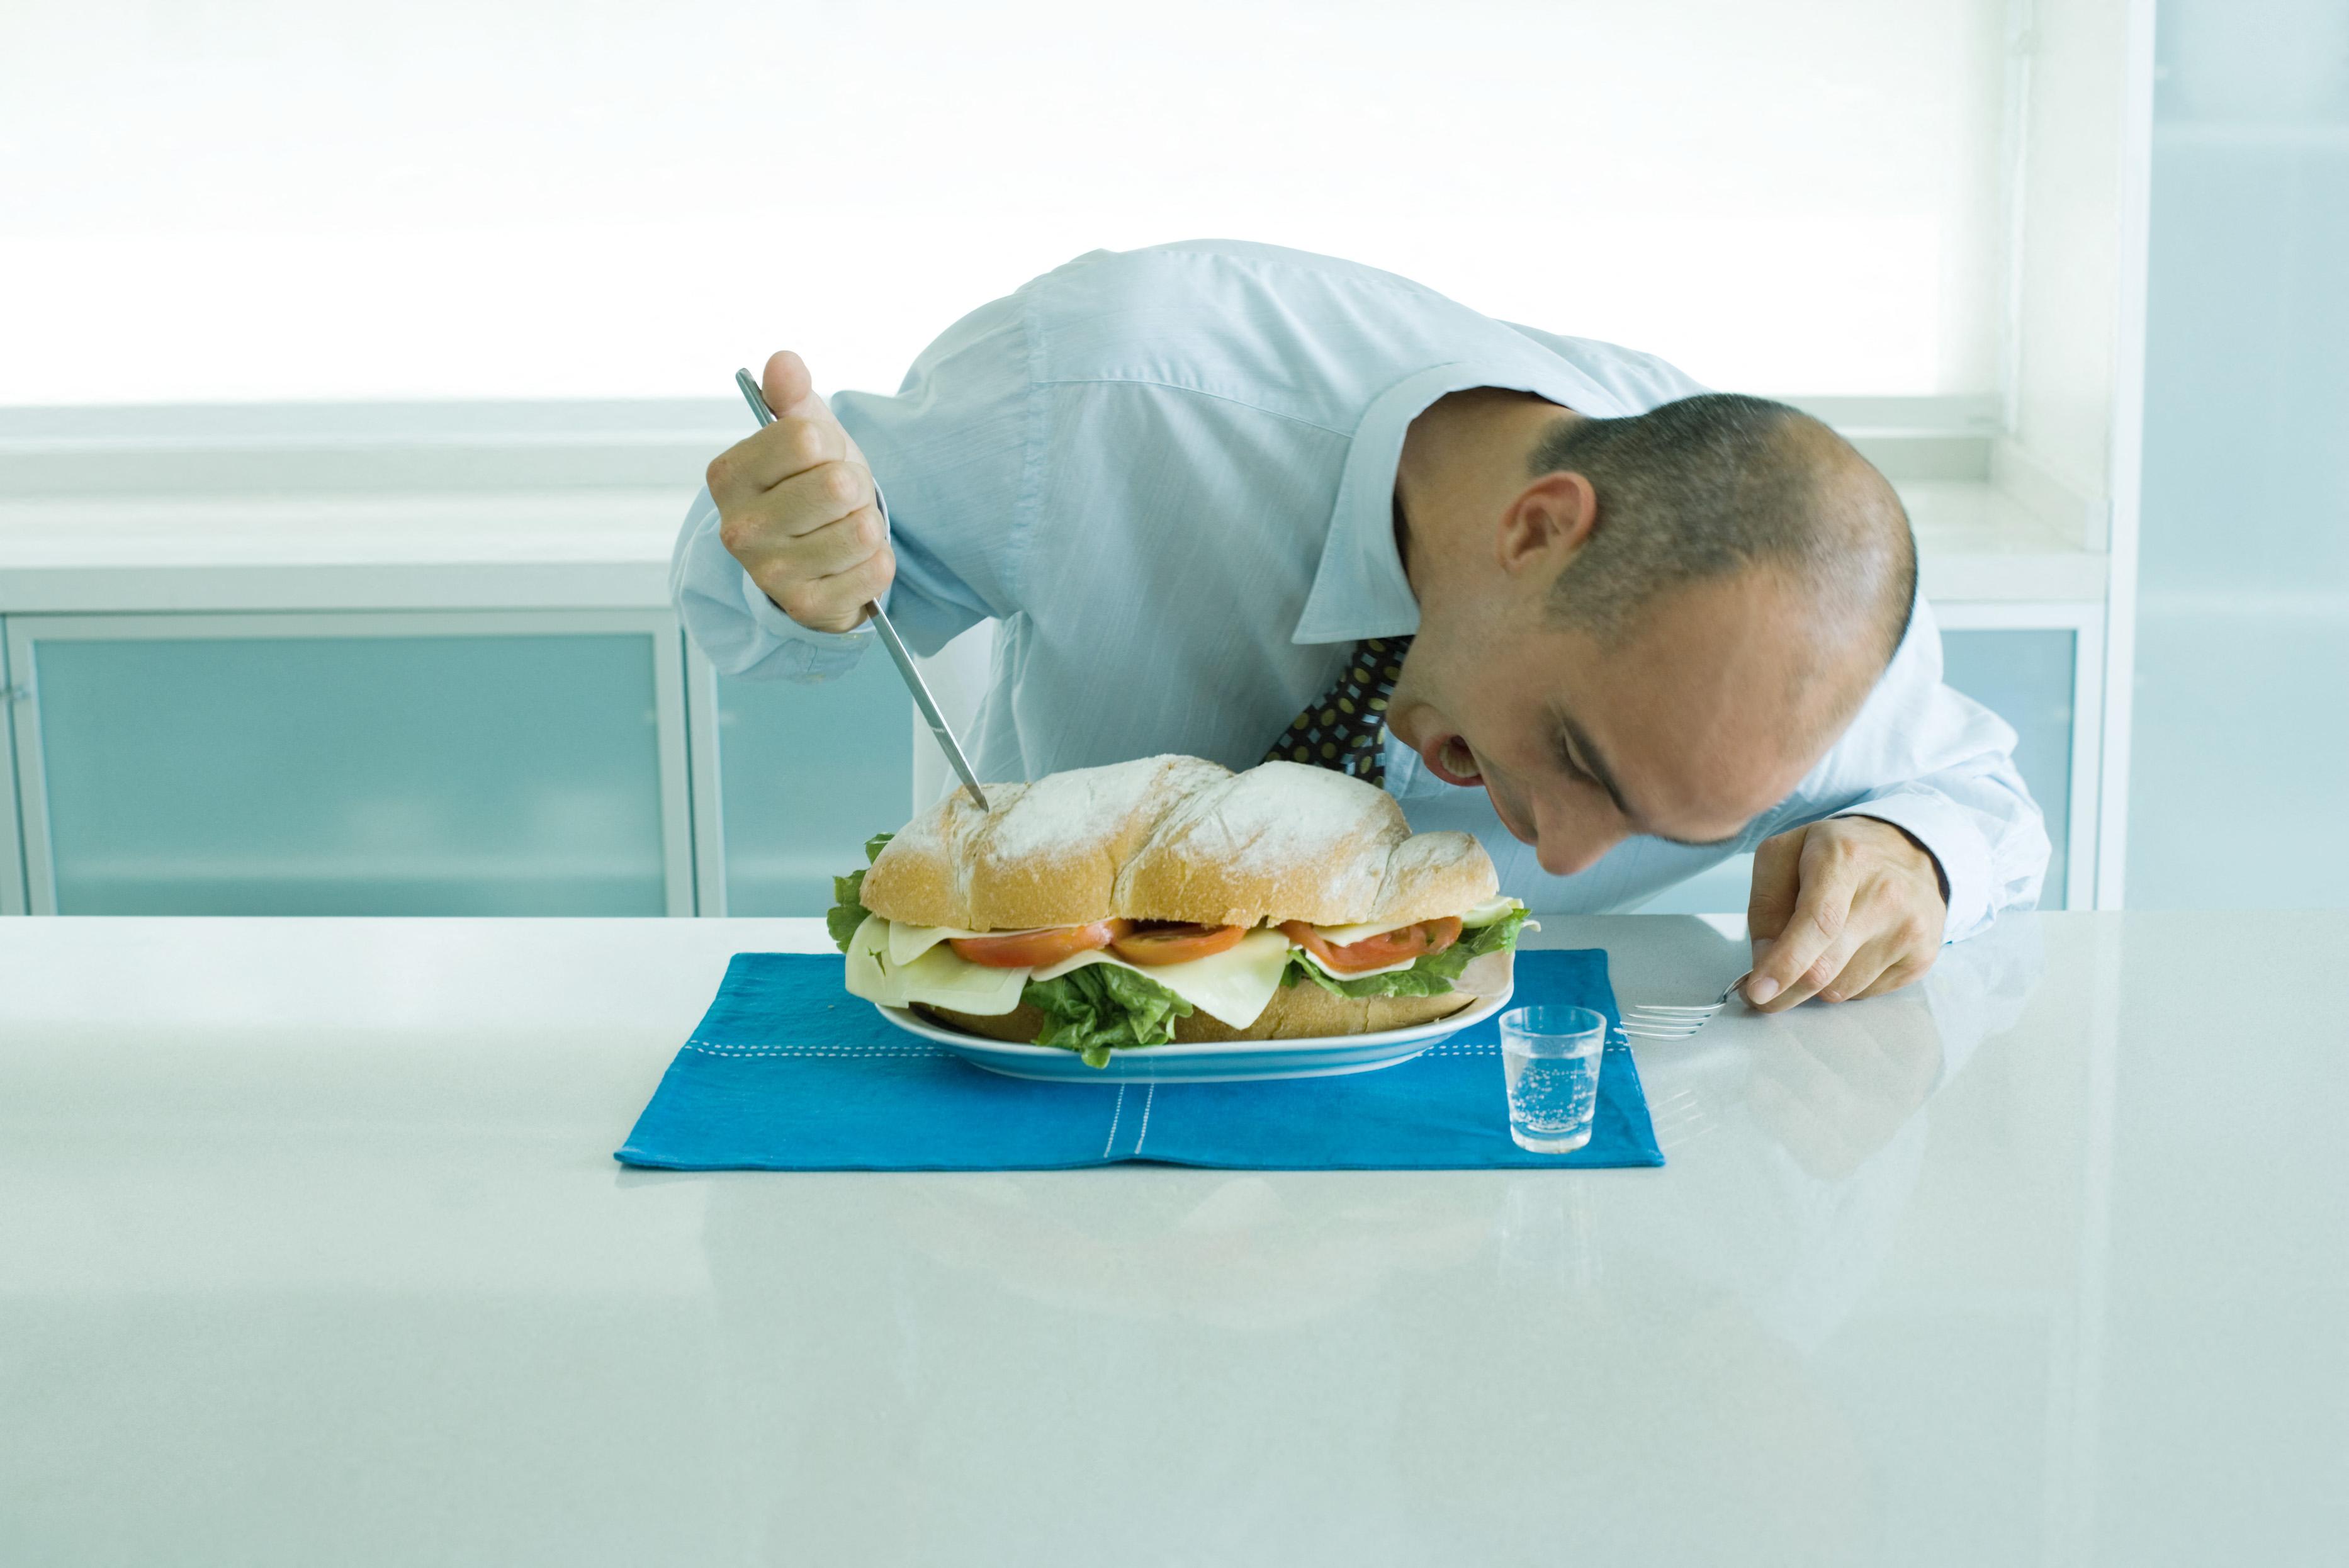 Új kínai törvény tiltja, hogy az emberek túl sok ételt rendeljenek